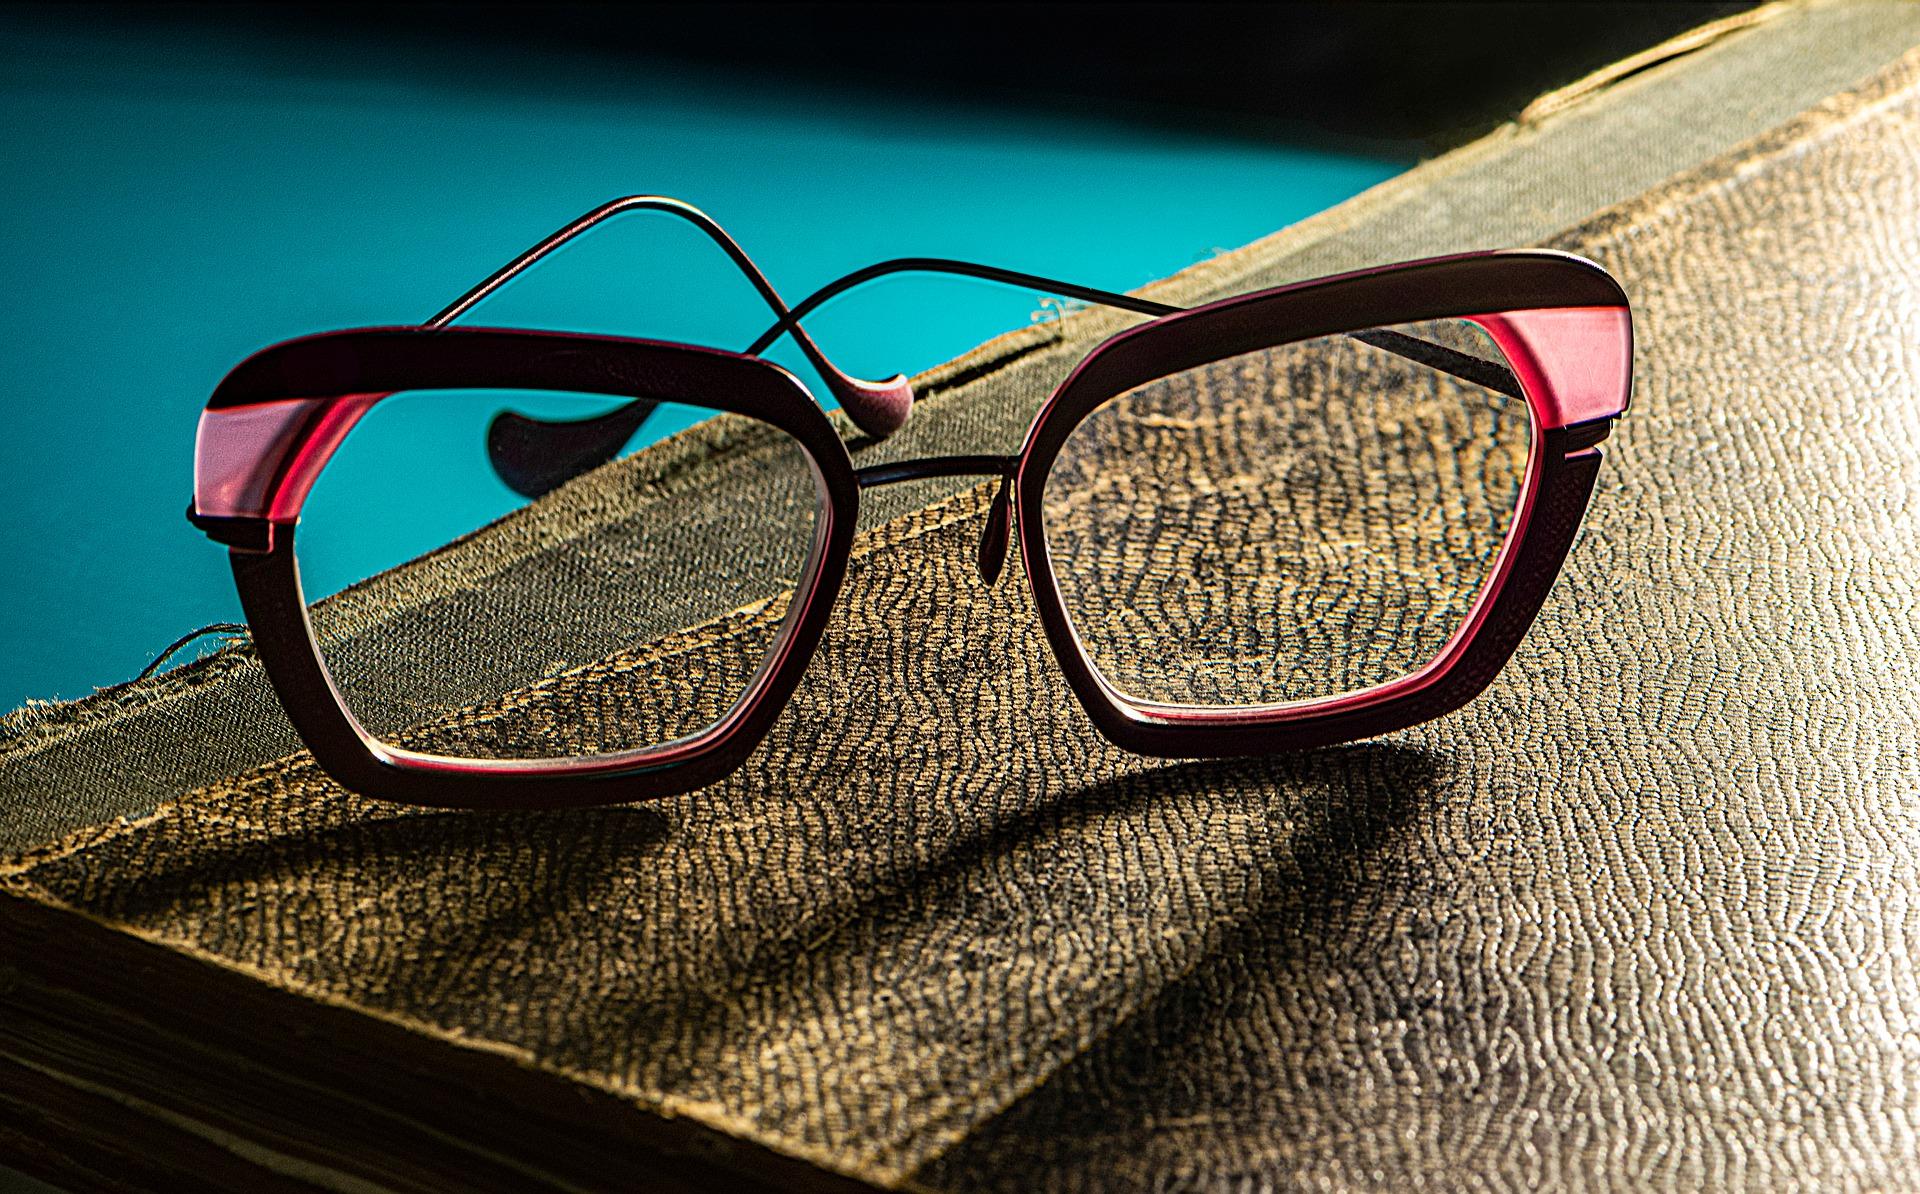 eyeglasses-4751335_1920.jpg